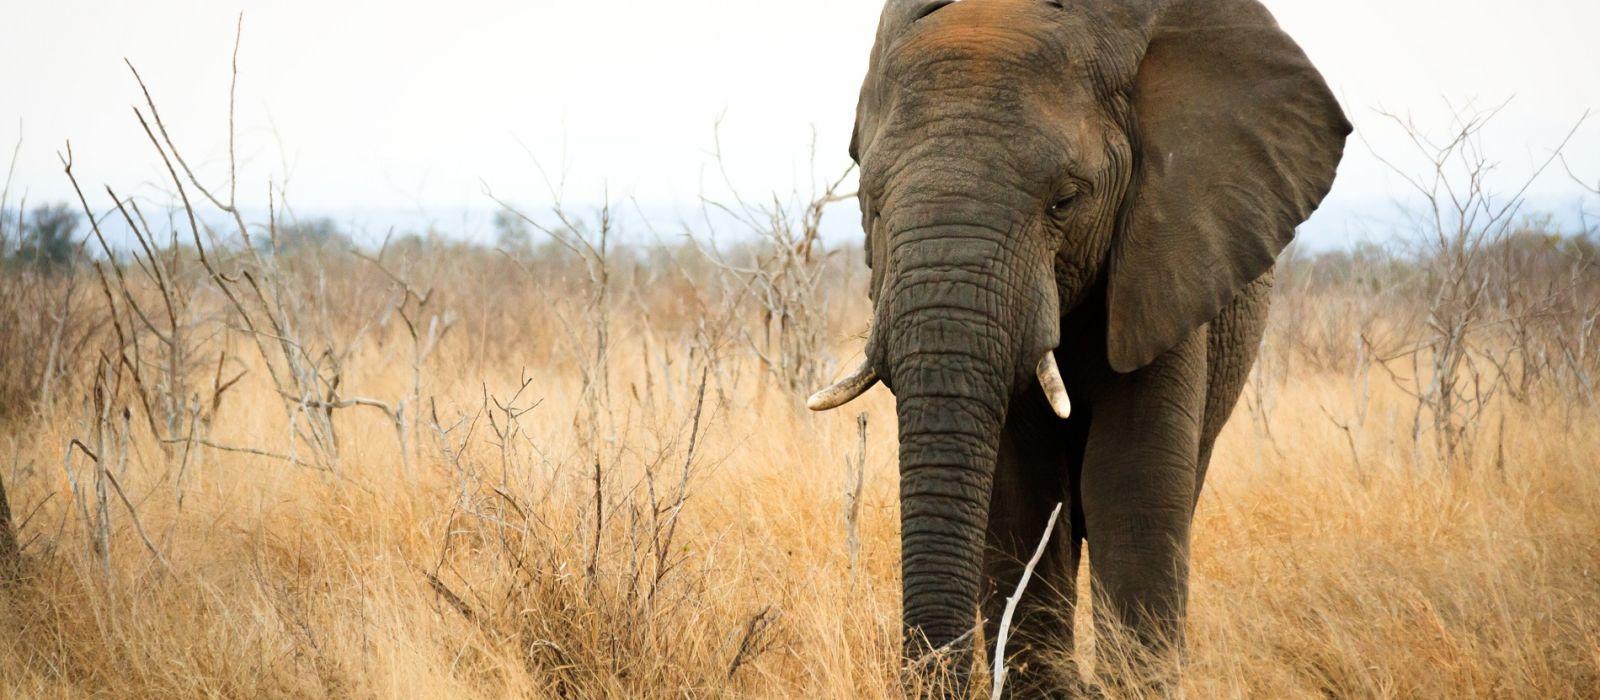 ESwatini (Swaziland) Tours & Trips 1